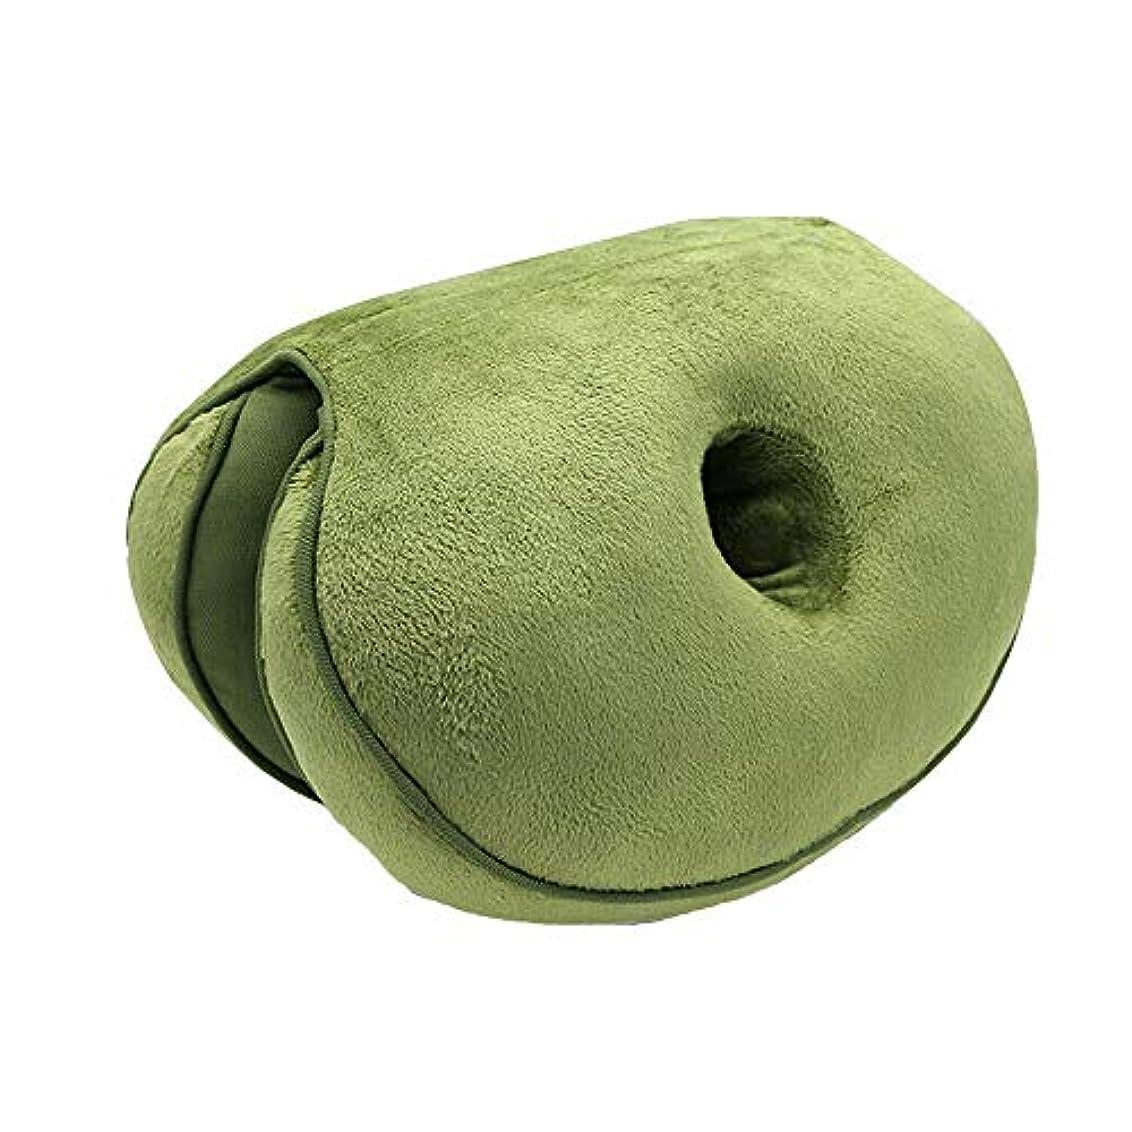 減らす気取らないホテルLIFE 新デュアルシートクッション低反発ラテックスオフィスチェアバックシートクッション快適な臀部マットパッド枕旅行枕女性女の子 クッション 椅子